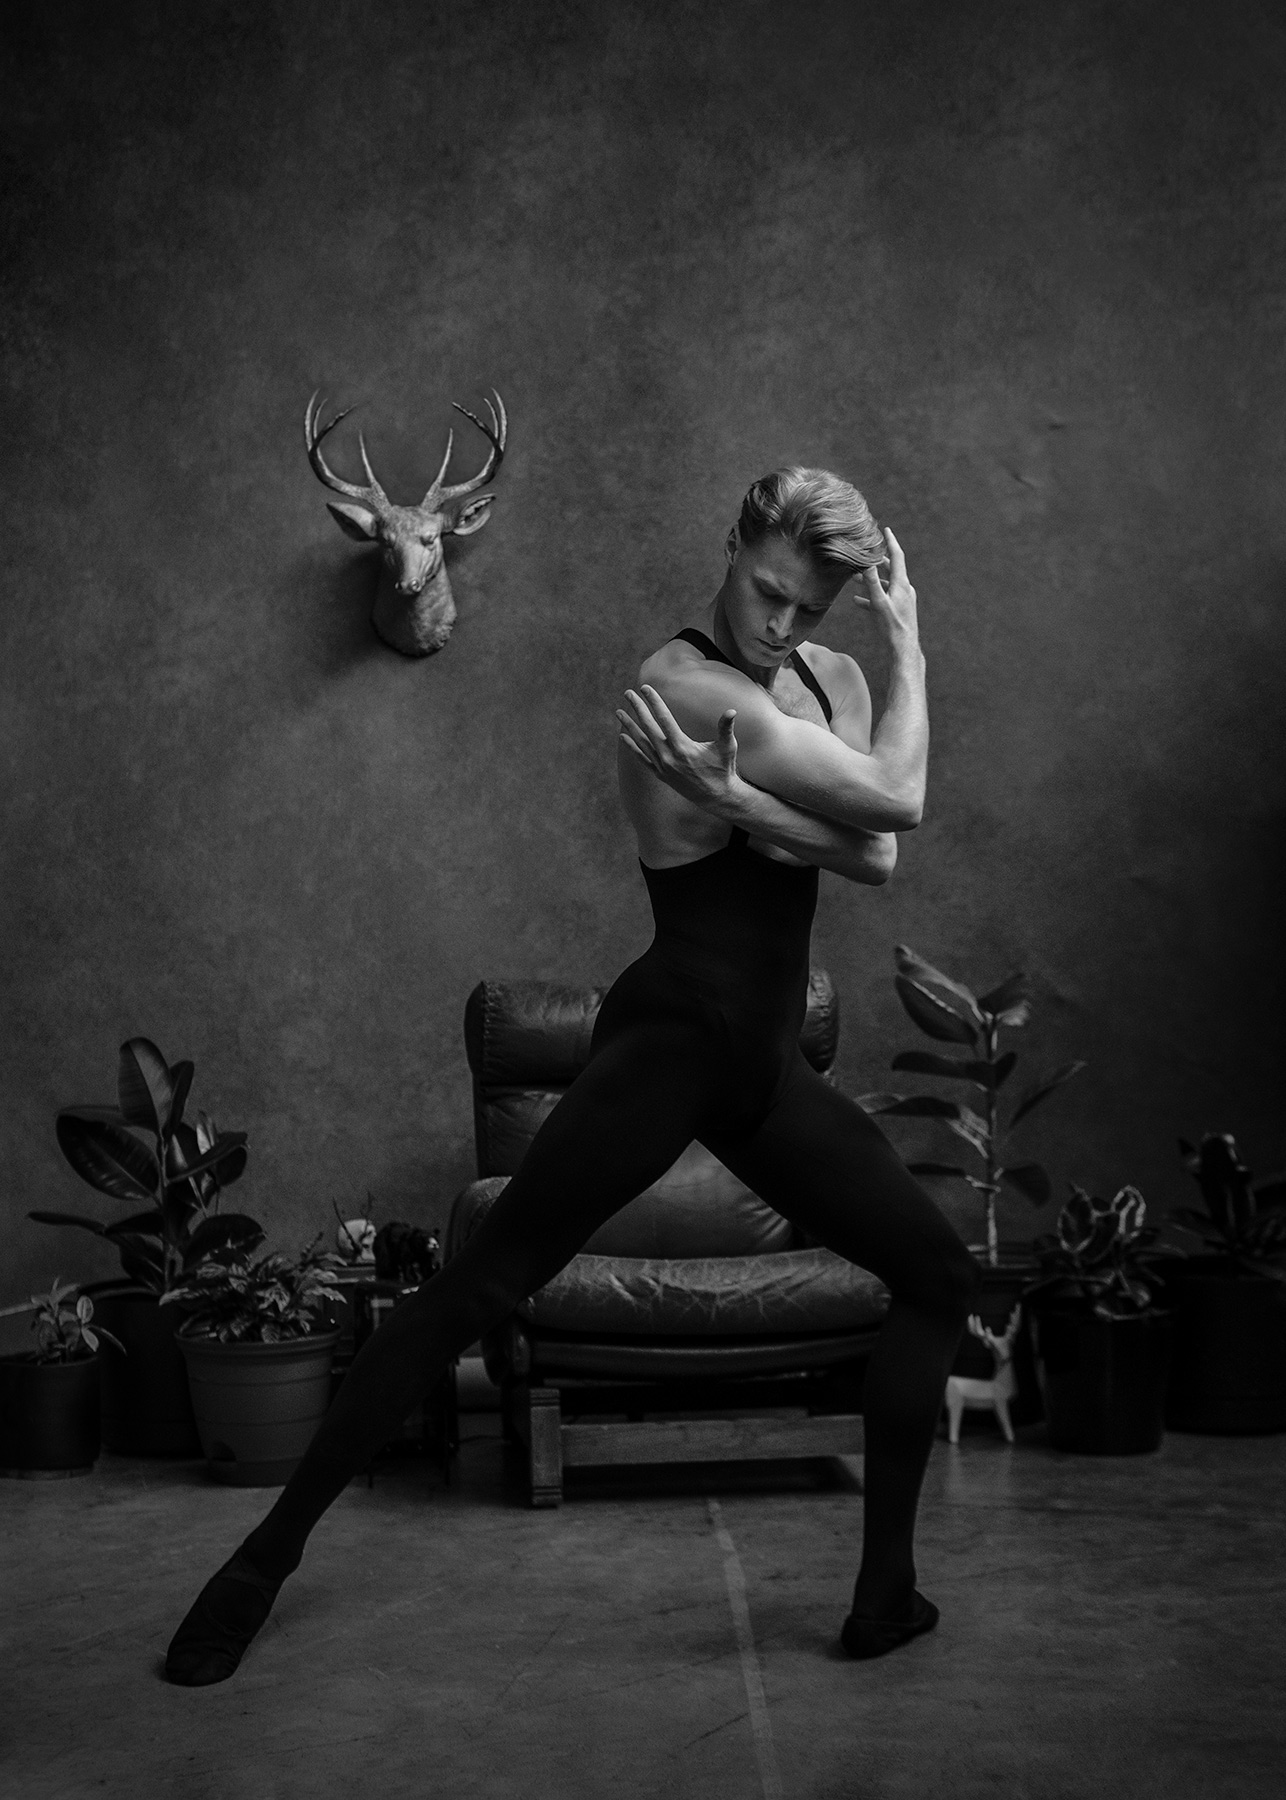 Ben Obst. The Australian Ballet. 2018.